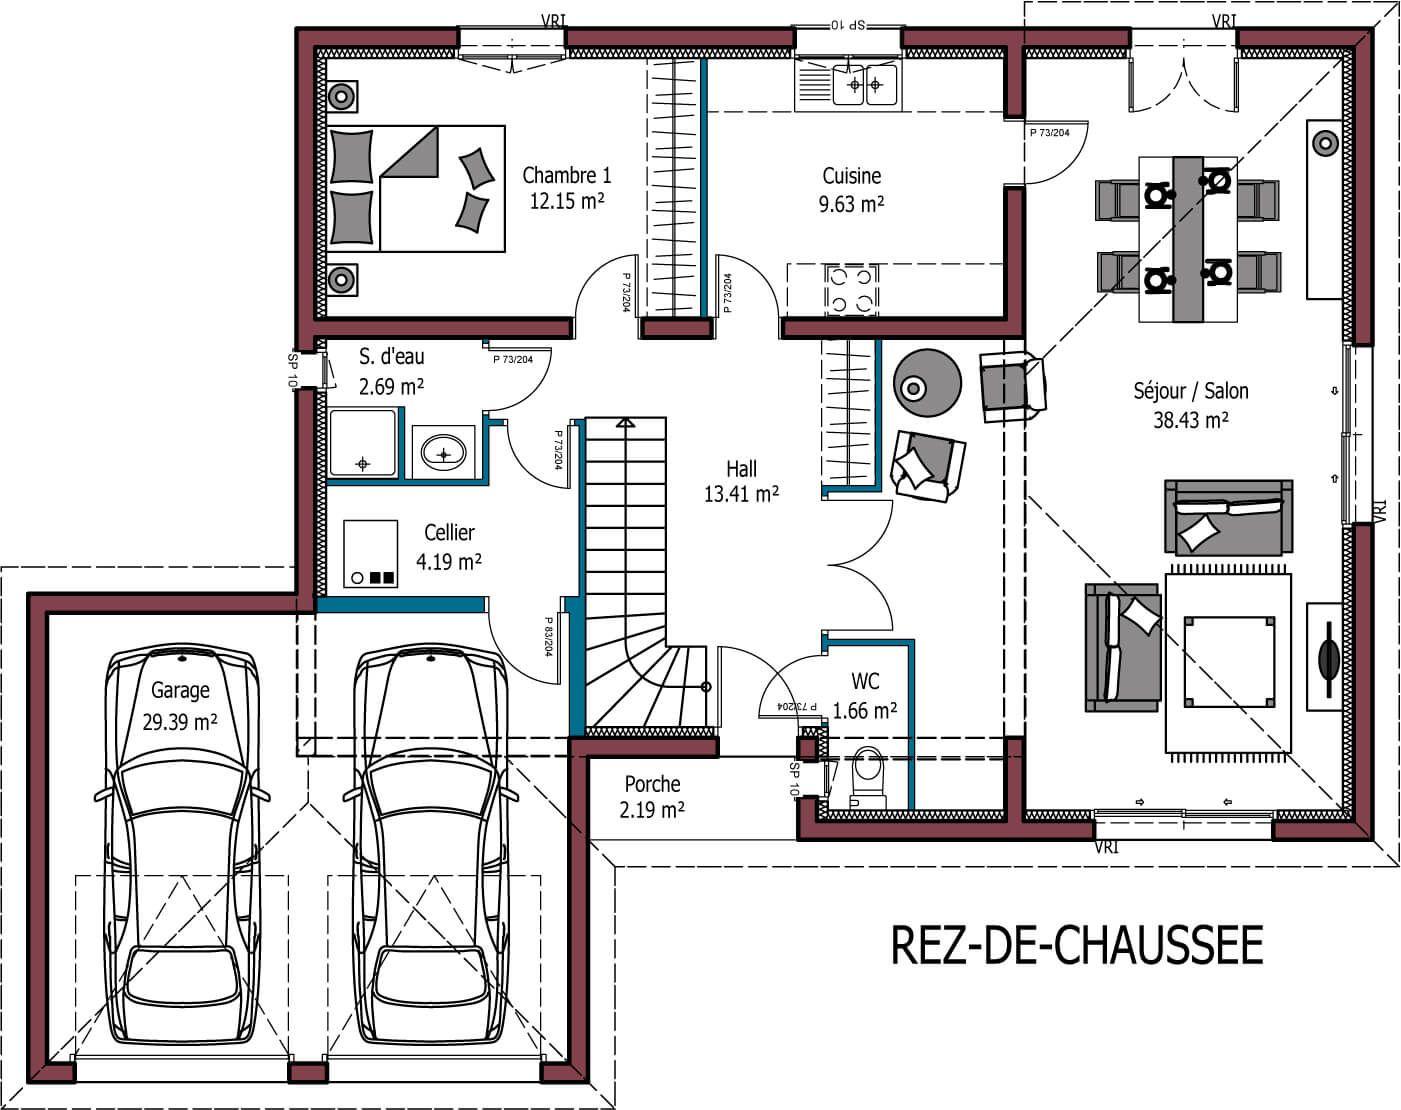 Modele Birdie Plan Maison 4 Chambres Avec Double Garage